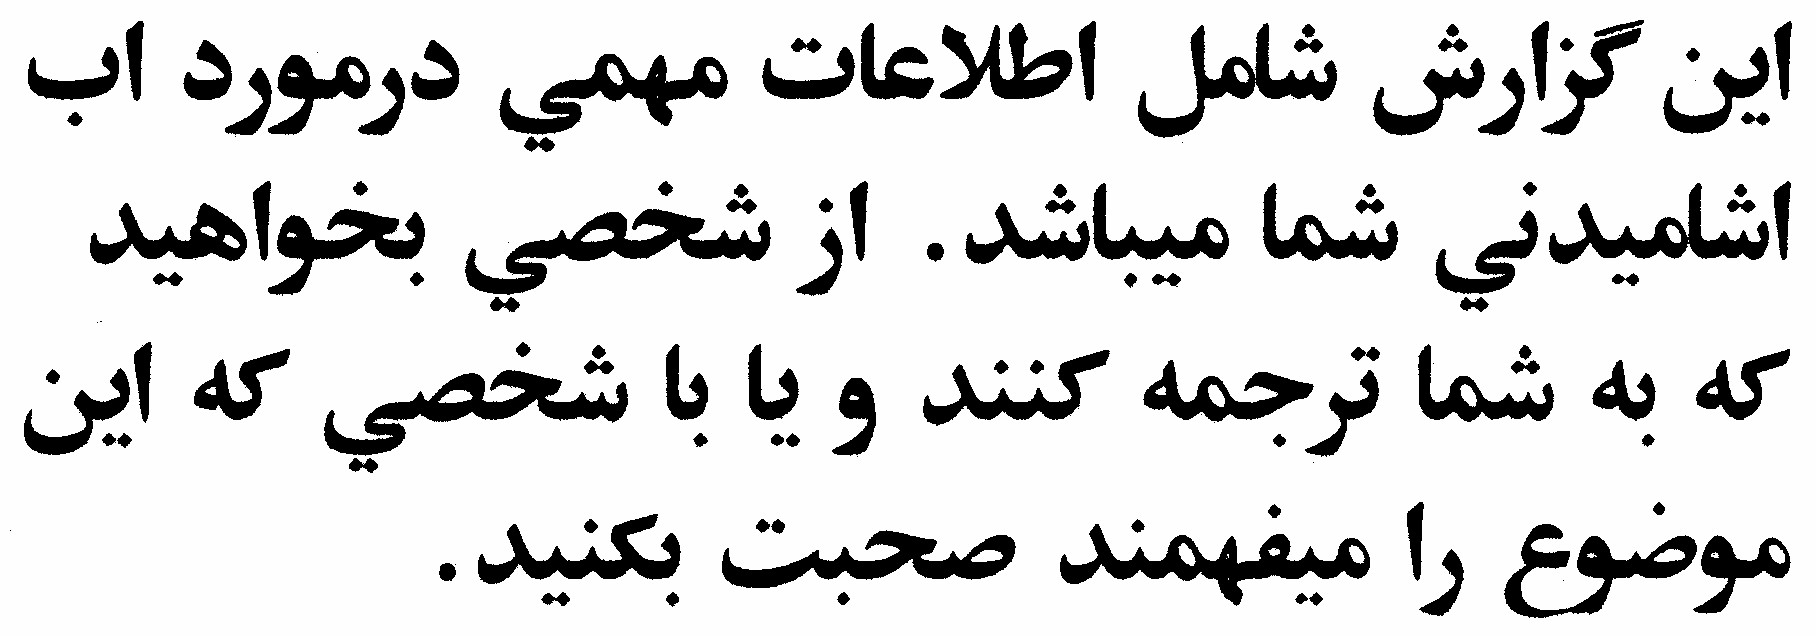 Поздравление на персидском языке